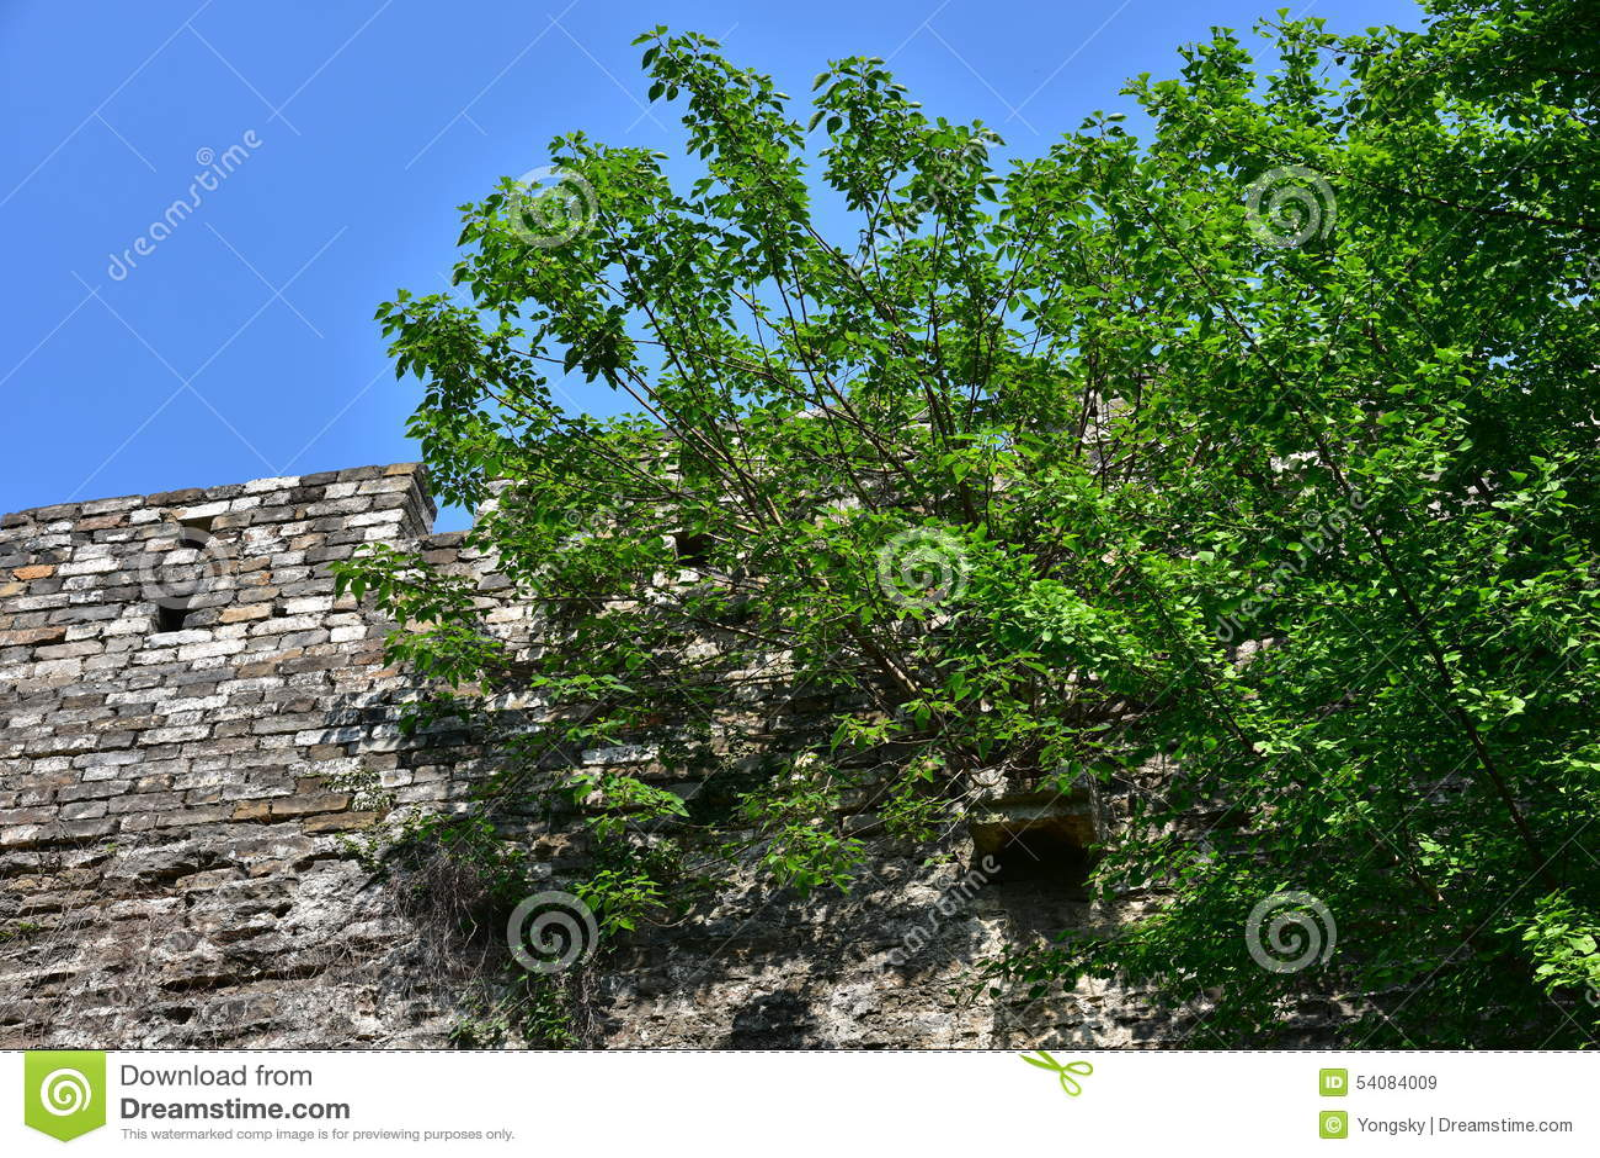 Ming Dynasty City Wall in de lente